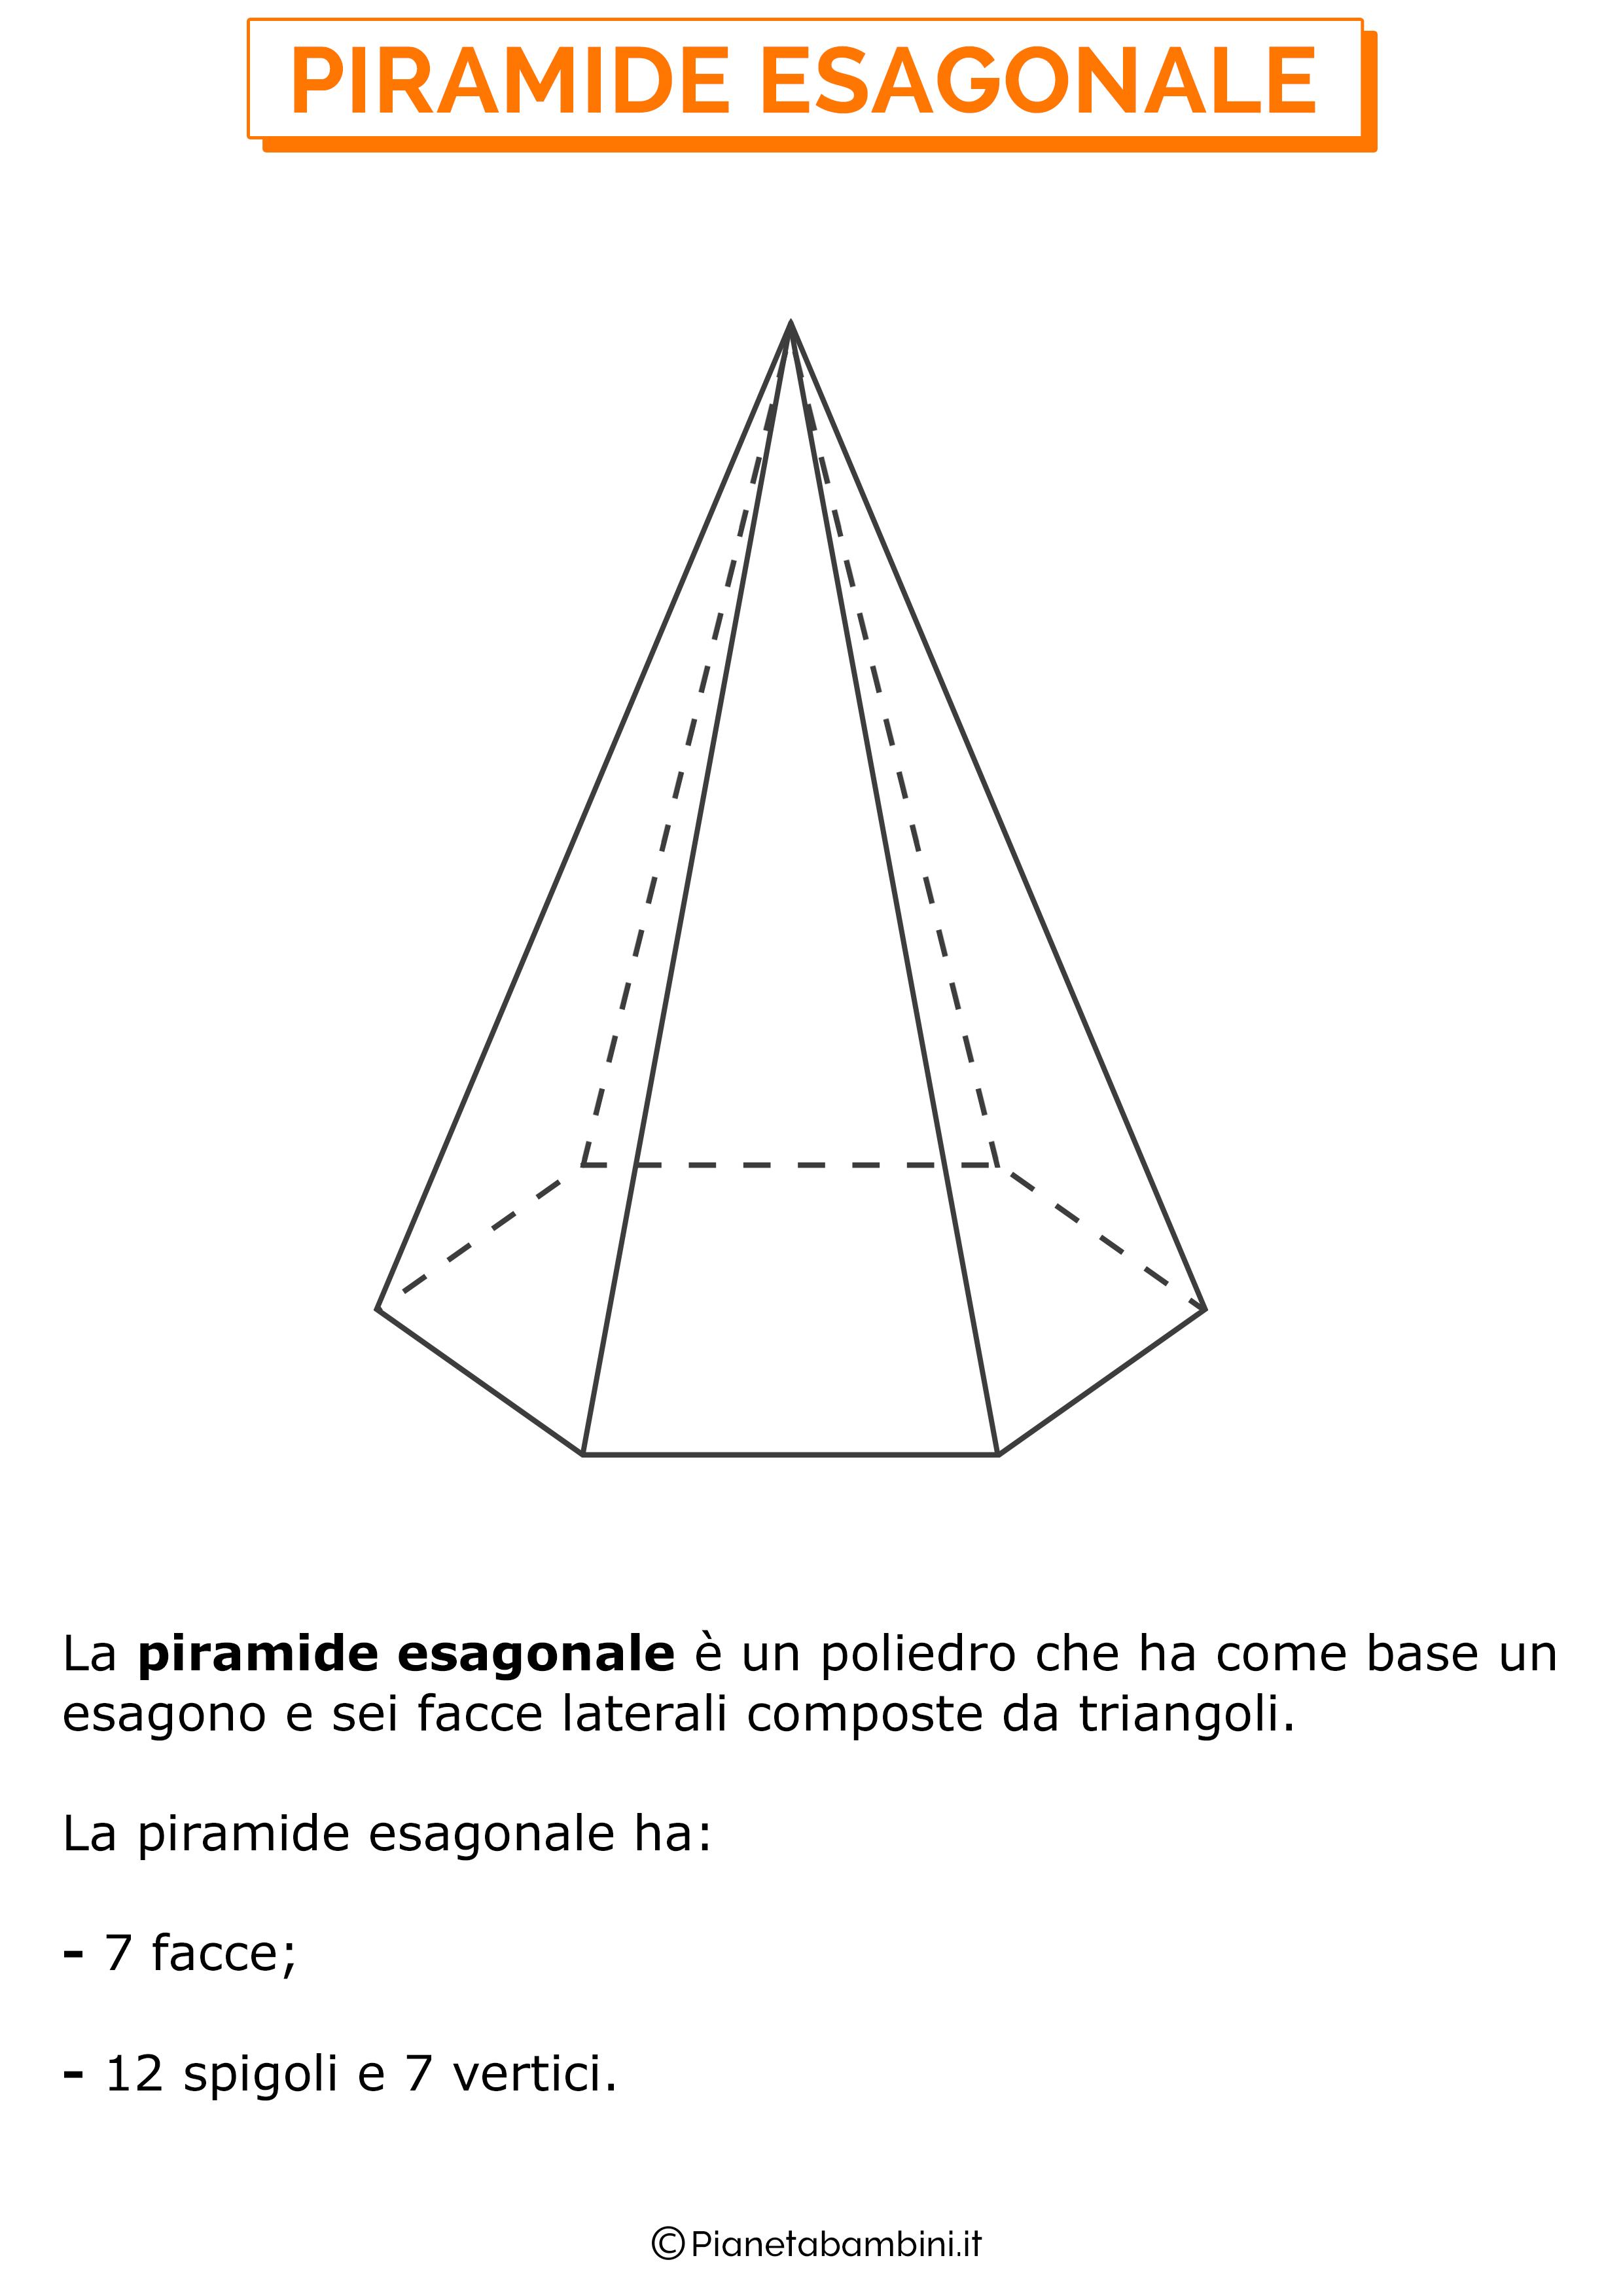 Immagine della piramide esagonale